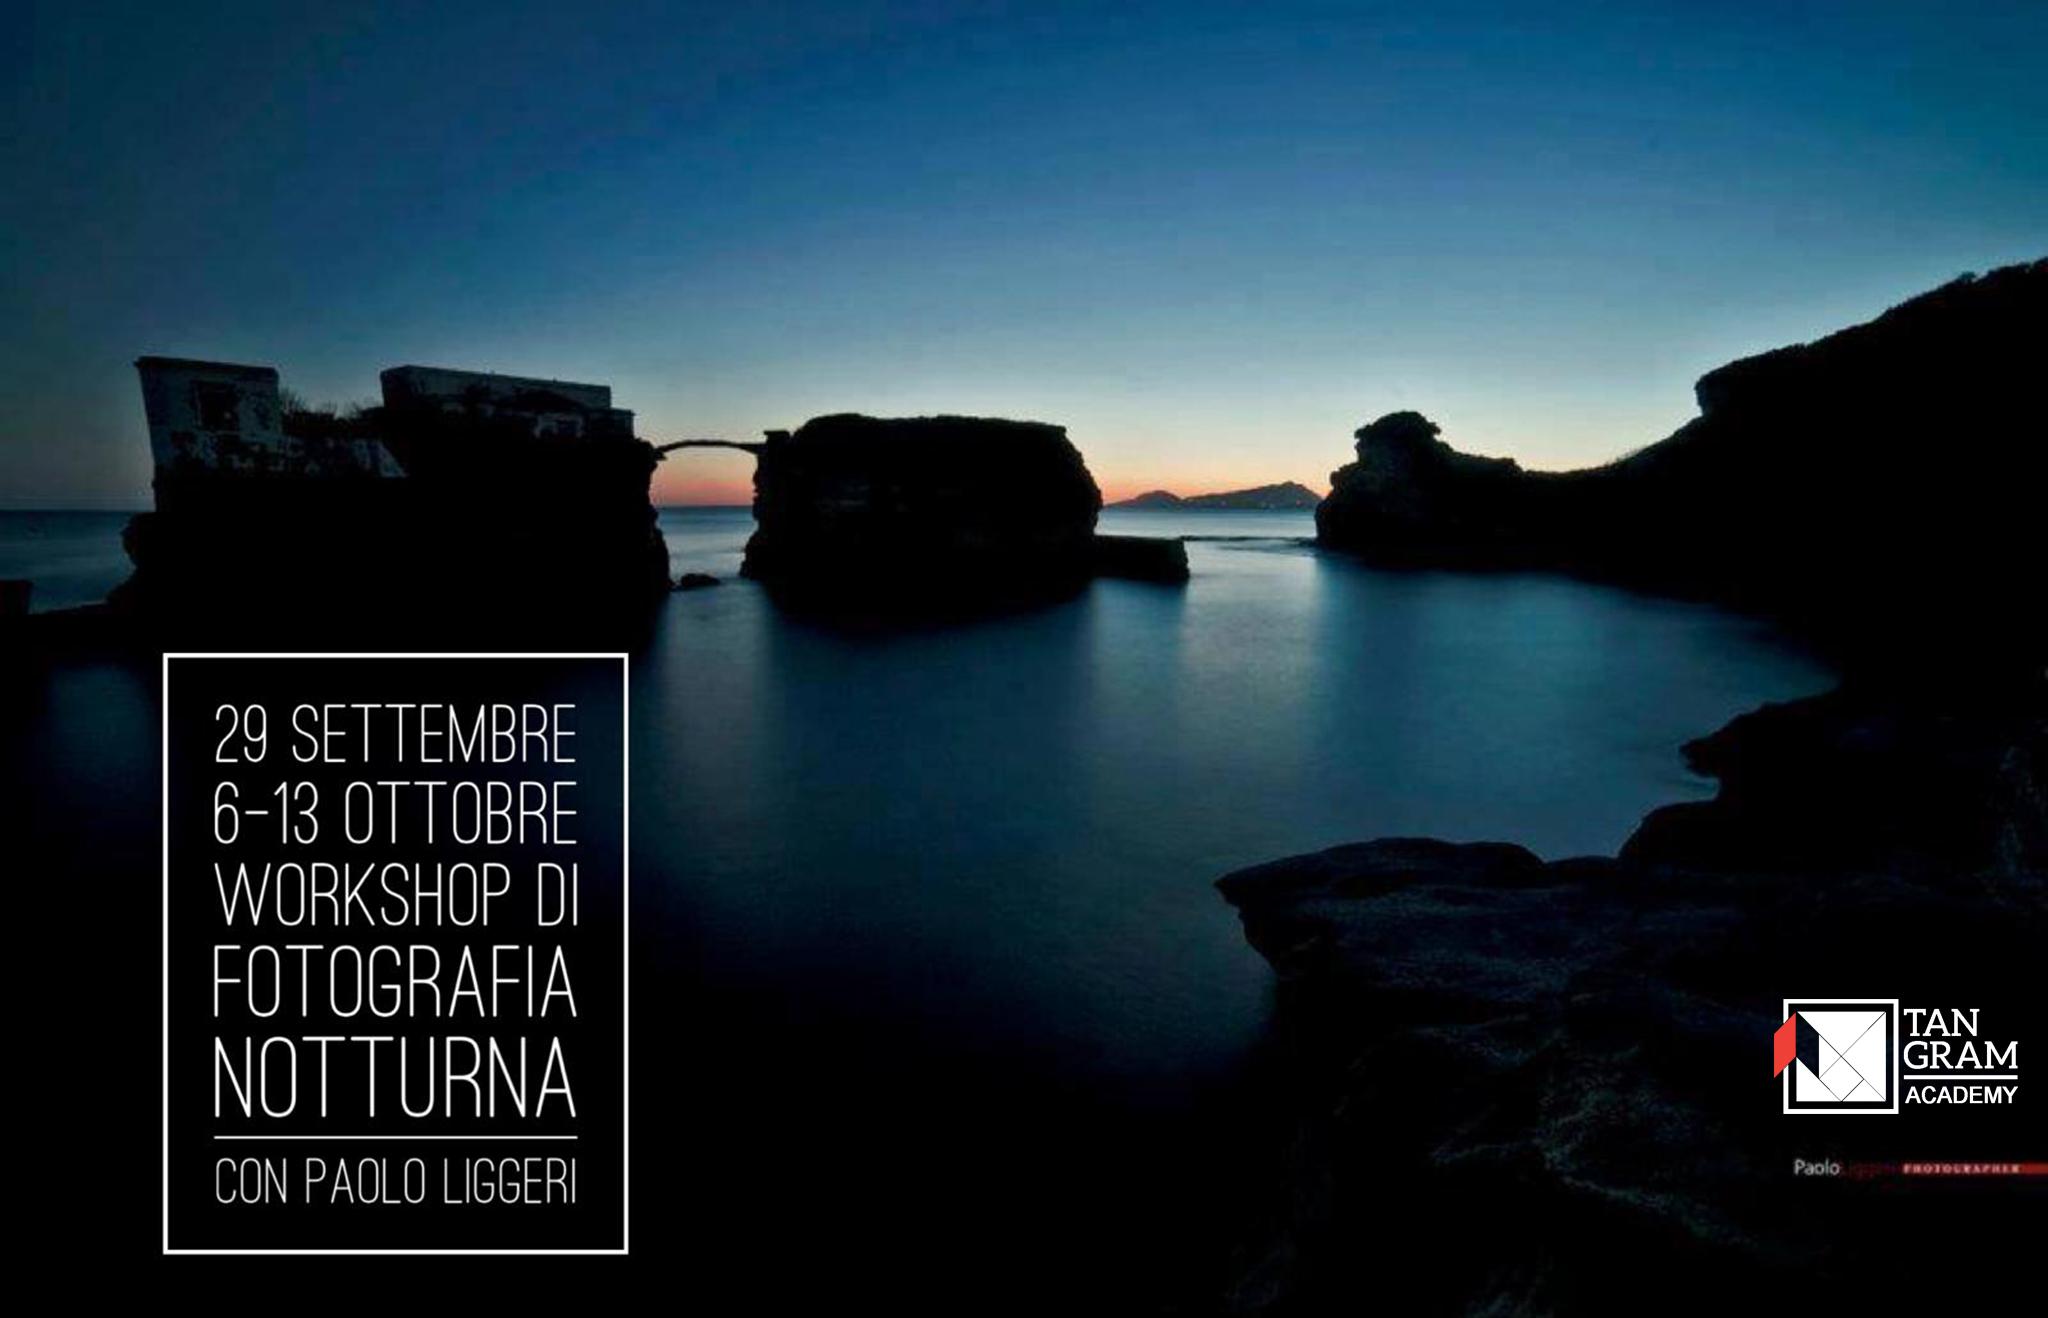 workshop di fotografia notturna con Paolo Liggeri